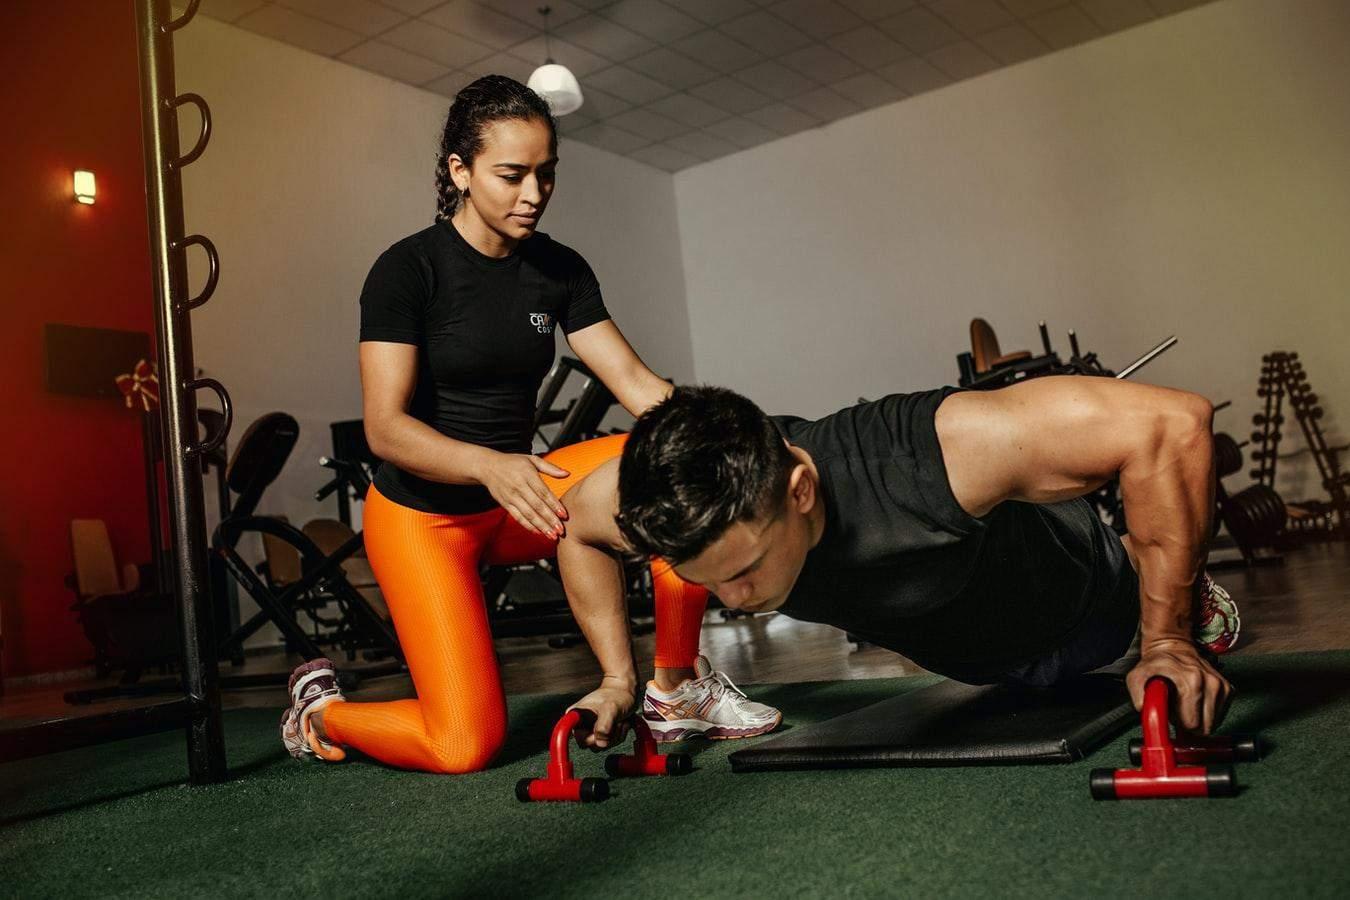 Персональные тренировки выбирают те, кто хочет получить гарантированный результат